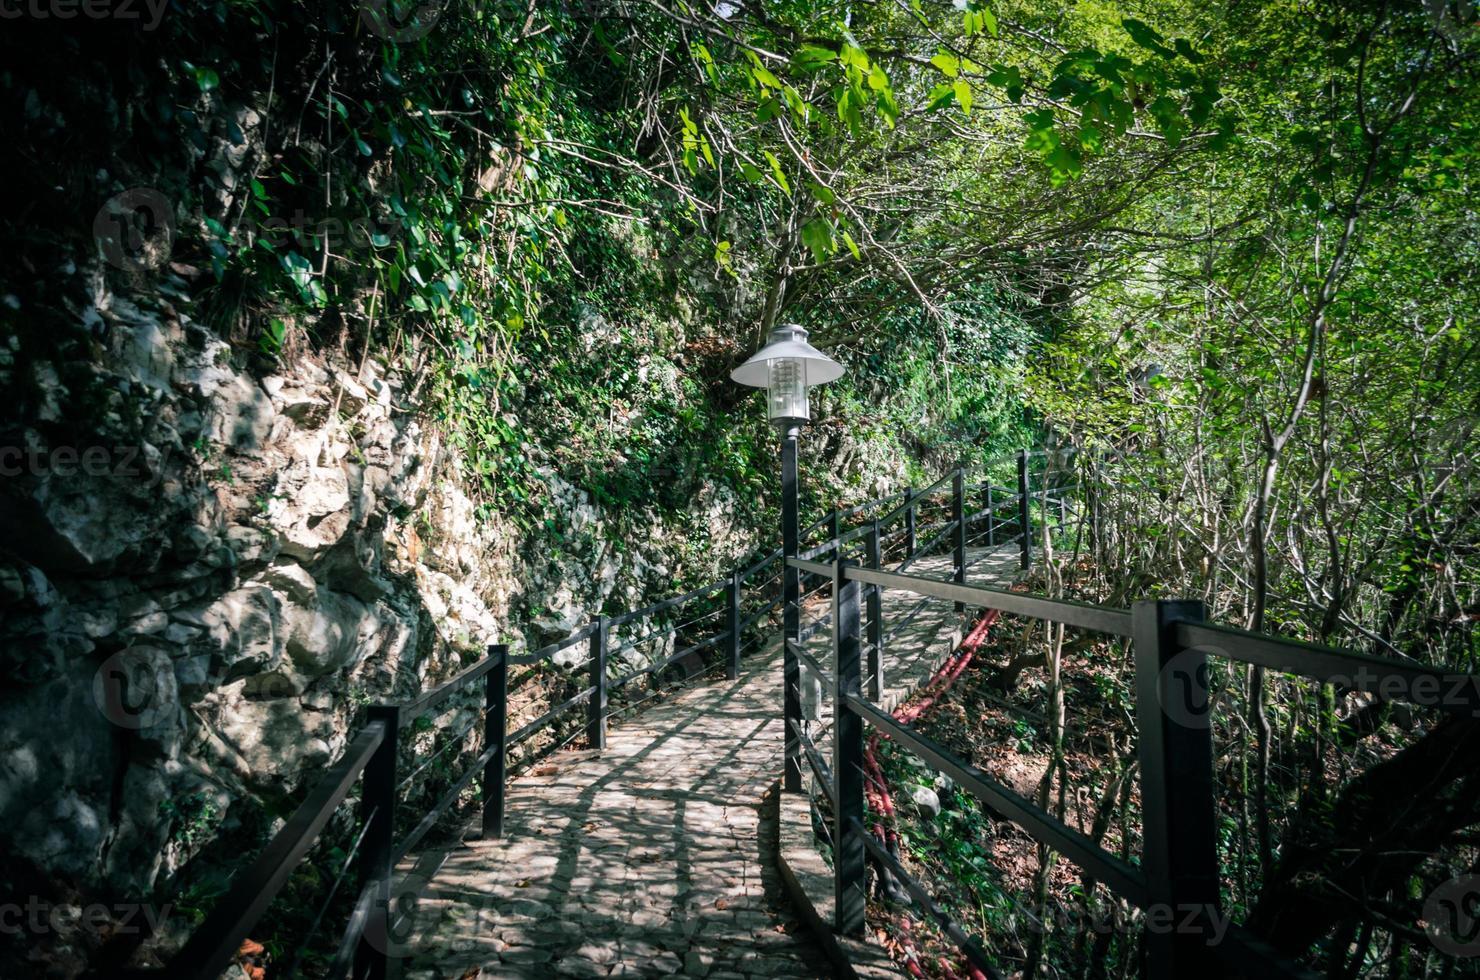 brug in een bos foto